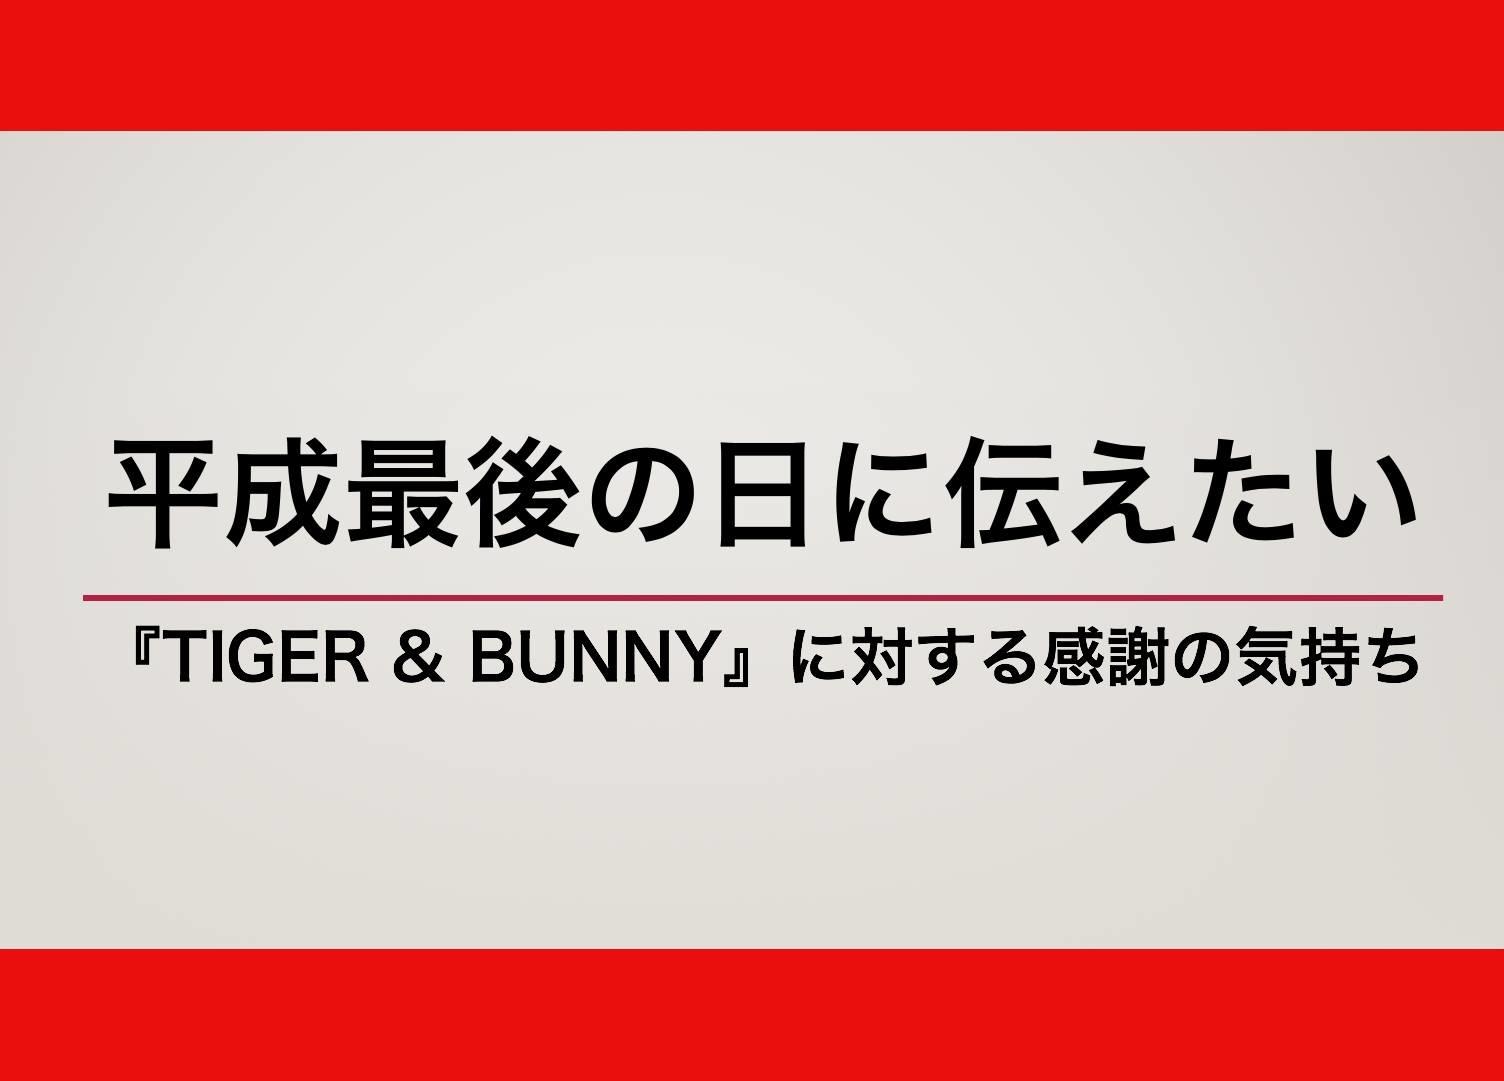 平成最後の日に伝えたい『TIGER & BUNNY』に対する感謝の気持ち